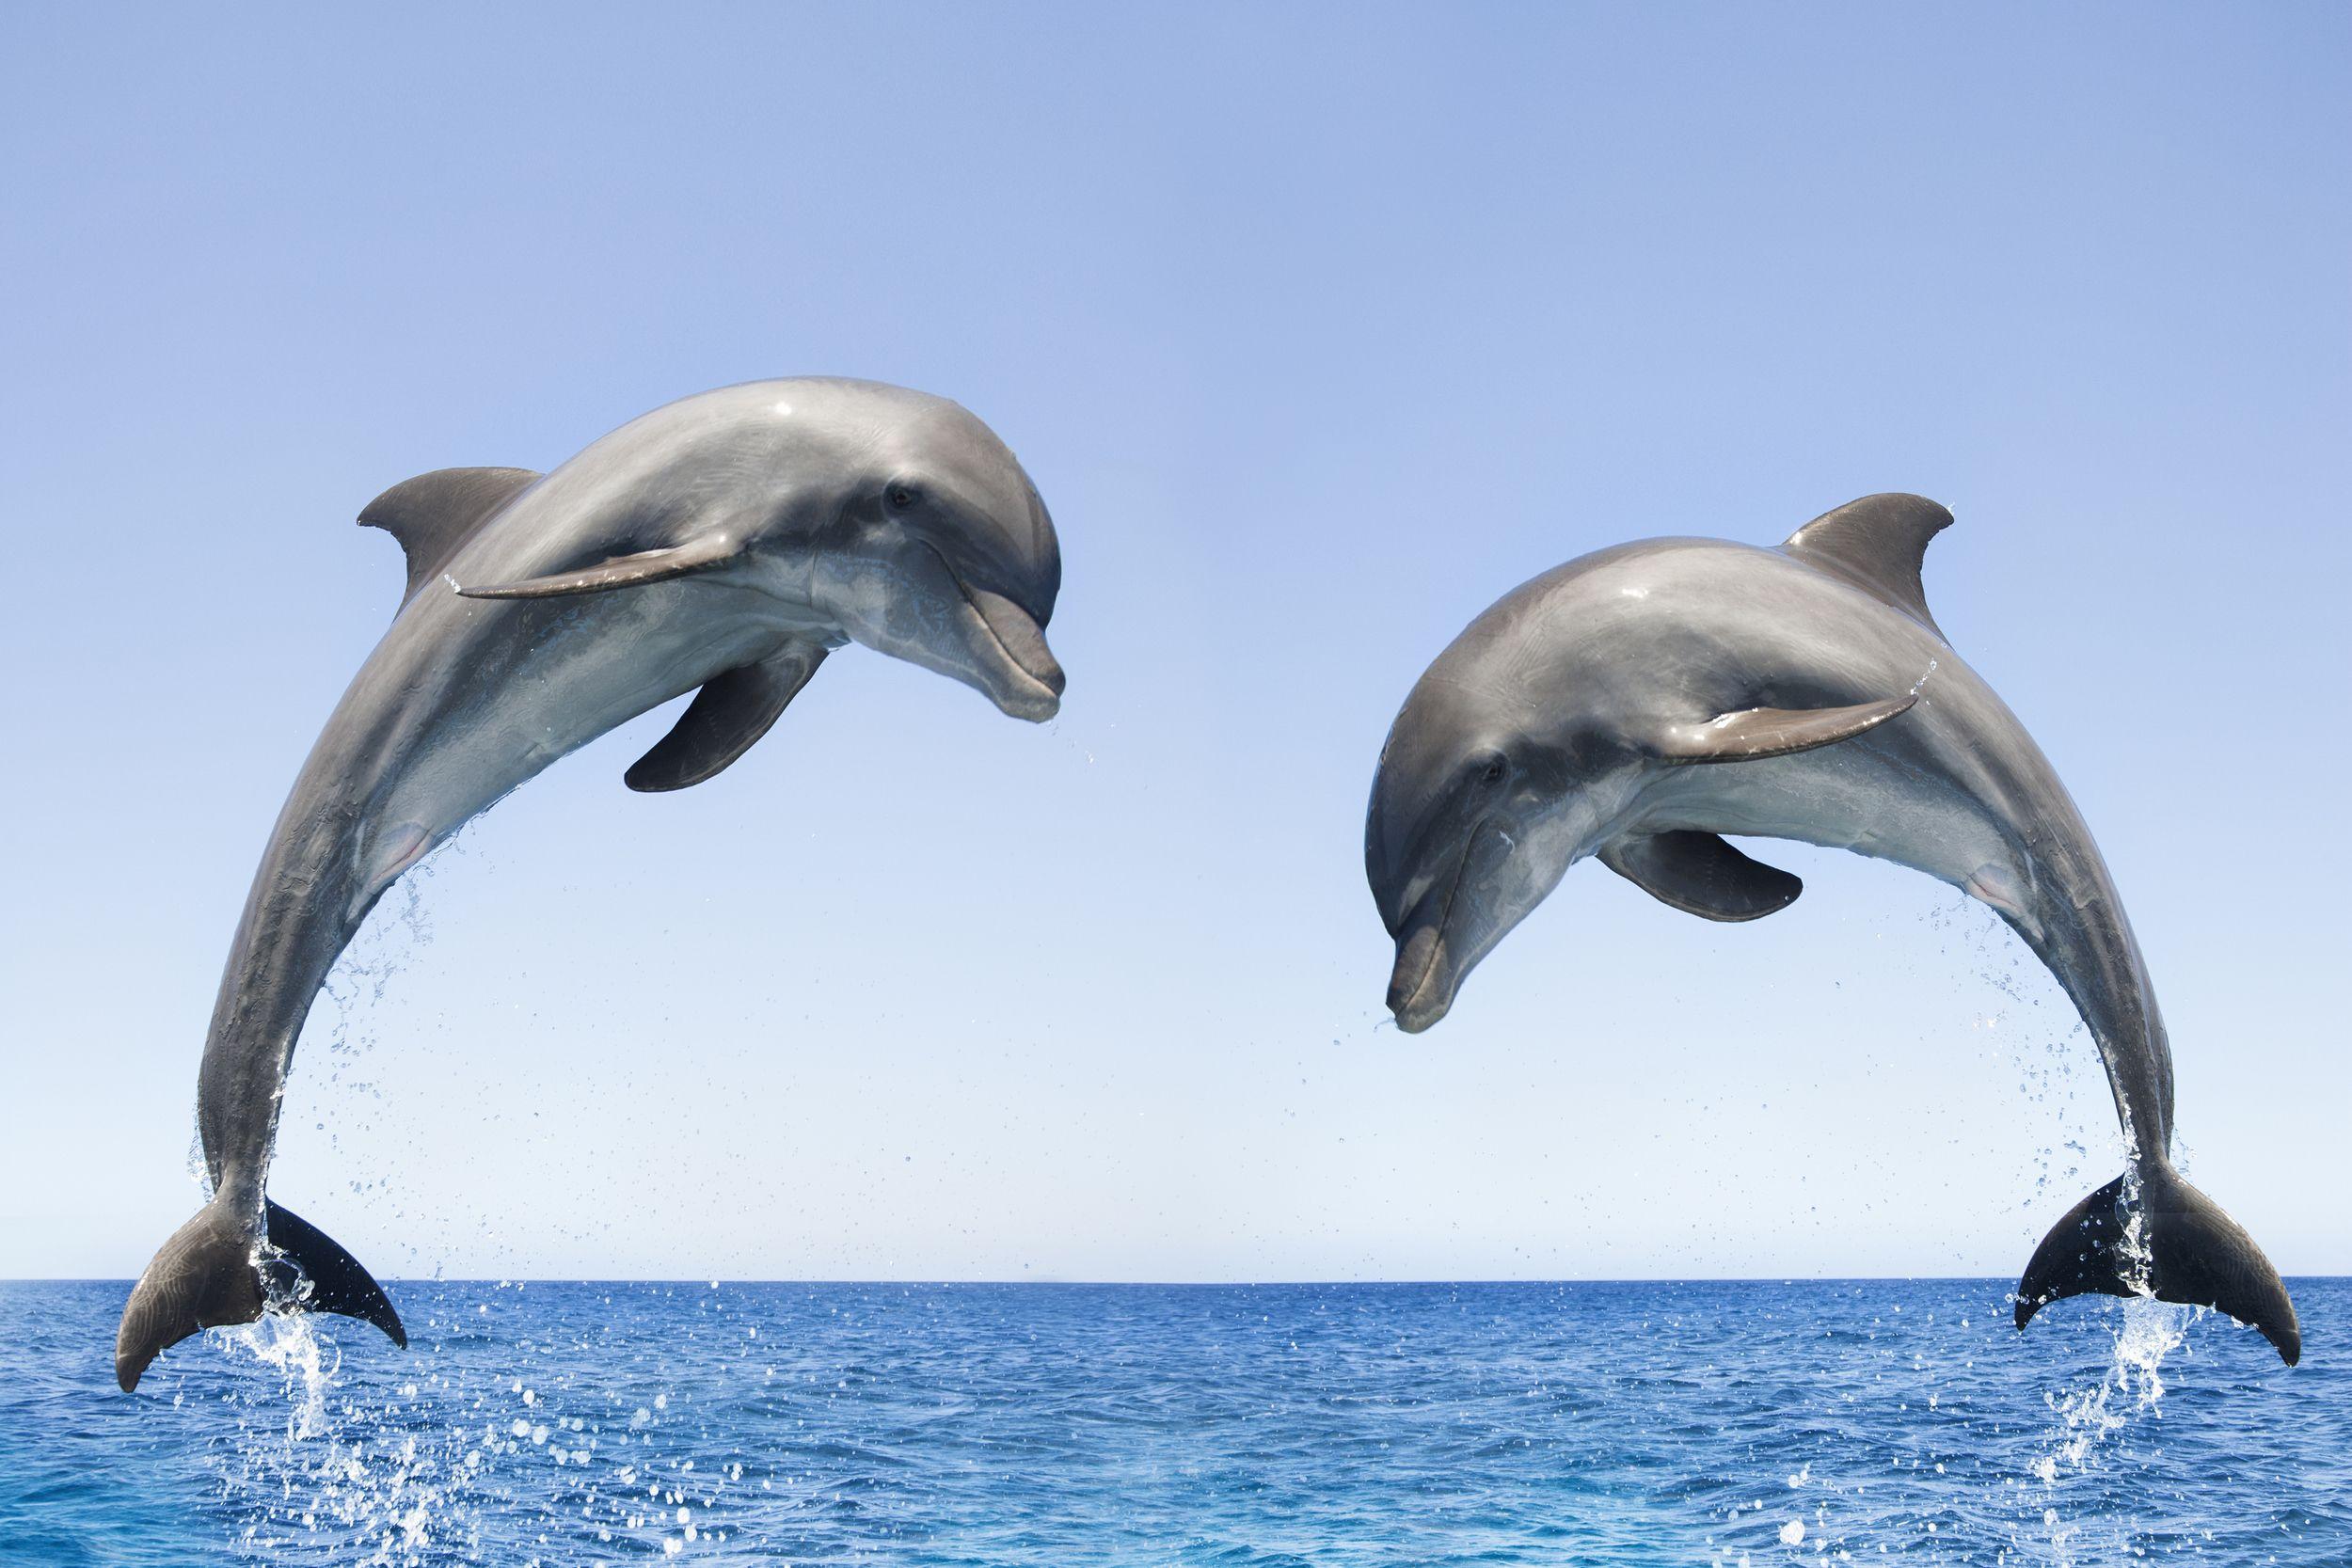 Картинка с дельфинчиками